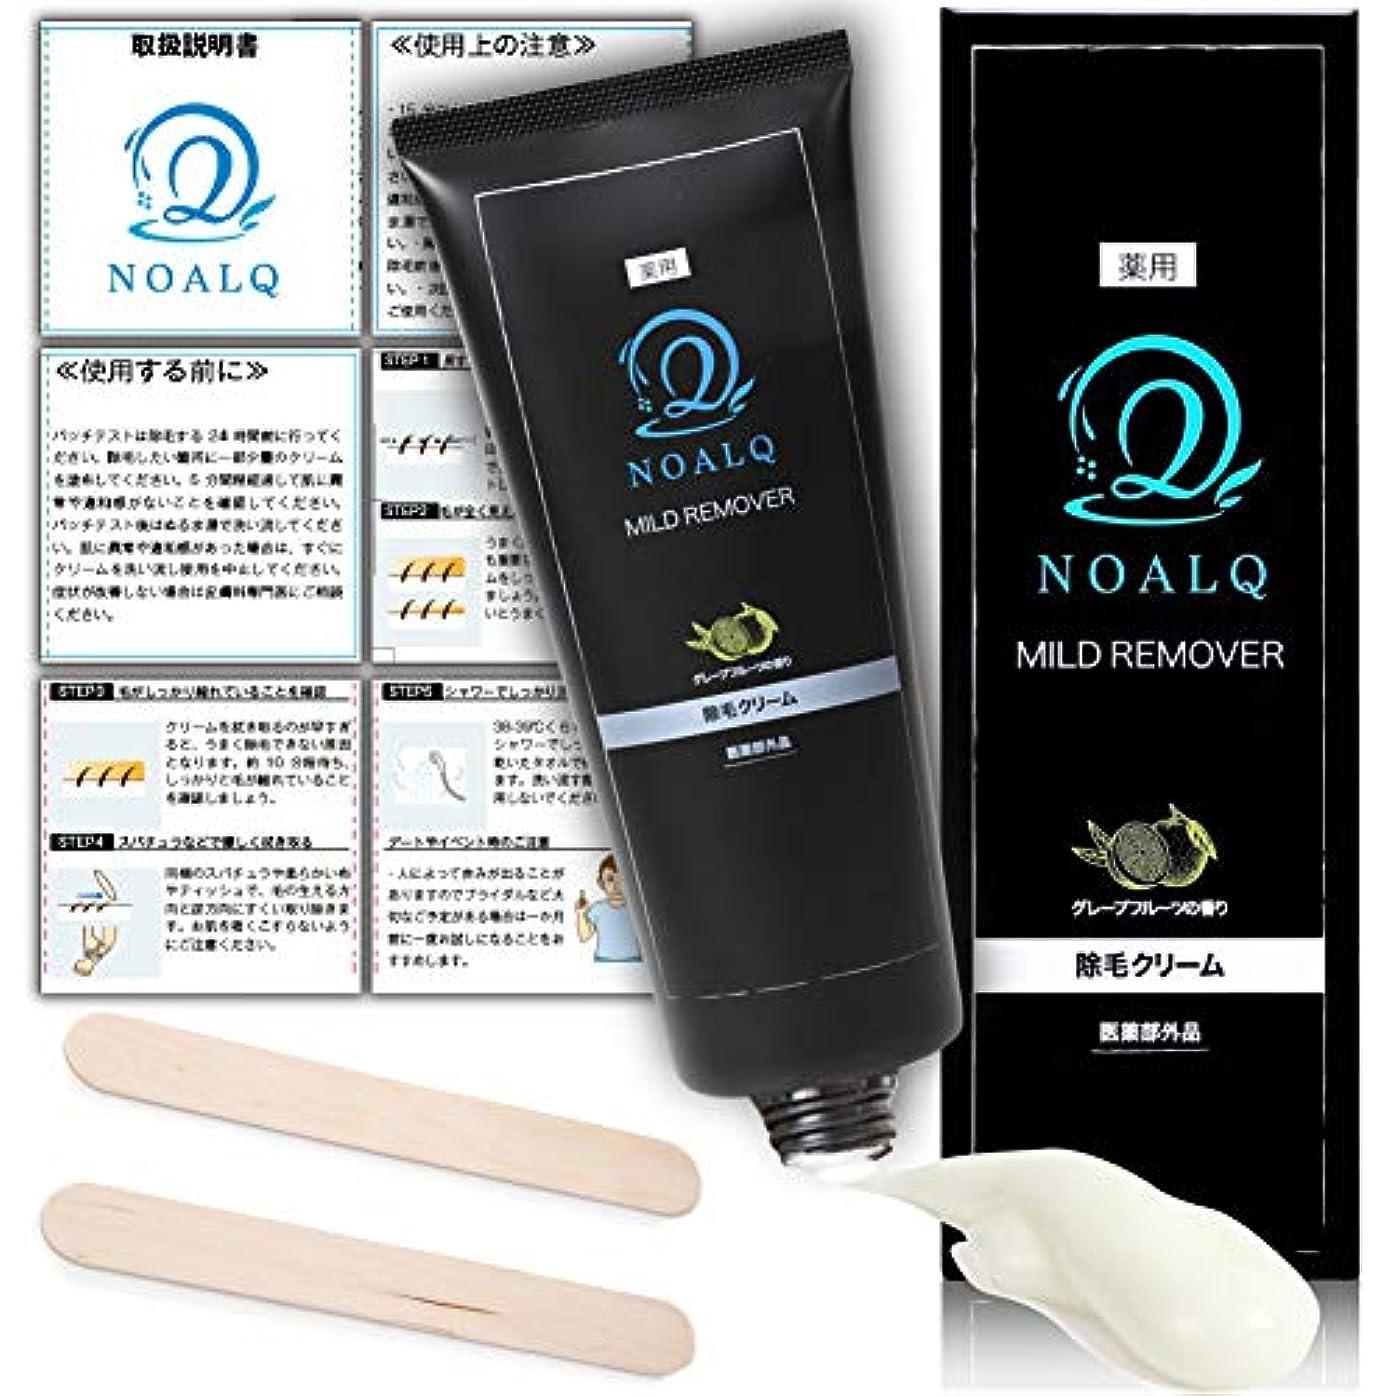 すごい請うメールを書くNOALQ(ノアルク) 除毛クリーム 薬用リムーバークリーム 超大容量220g メンズ [陰部/VIO/アンダーヘア/ボディ用] 日本製 グレープフルーツフレーバータイプ